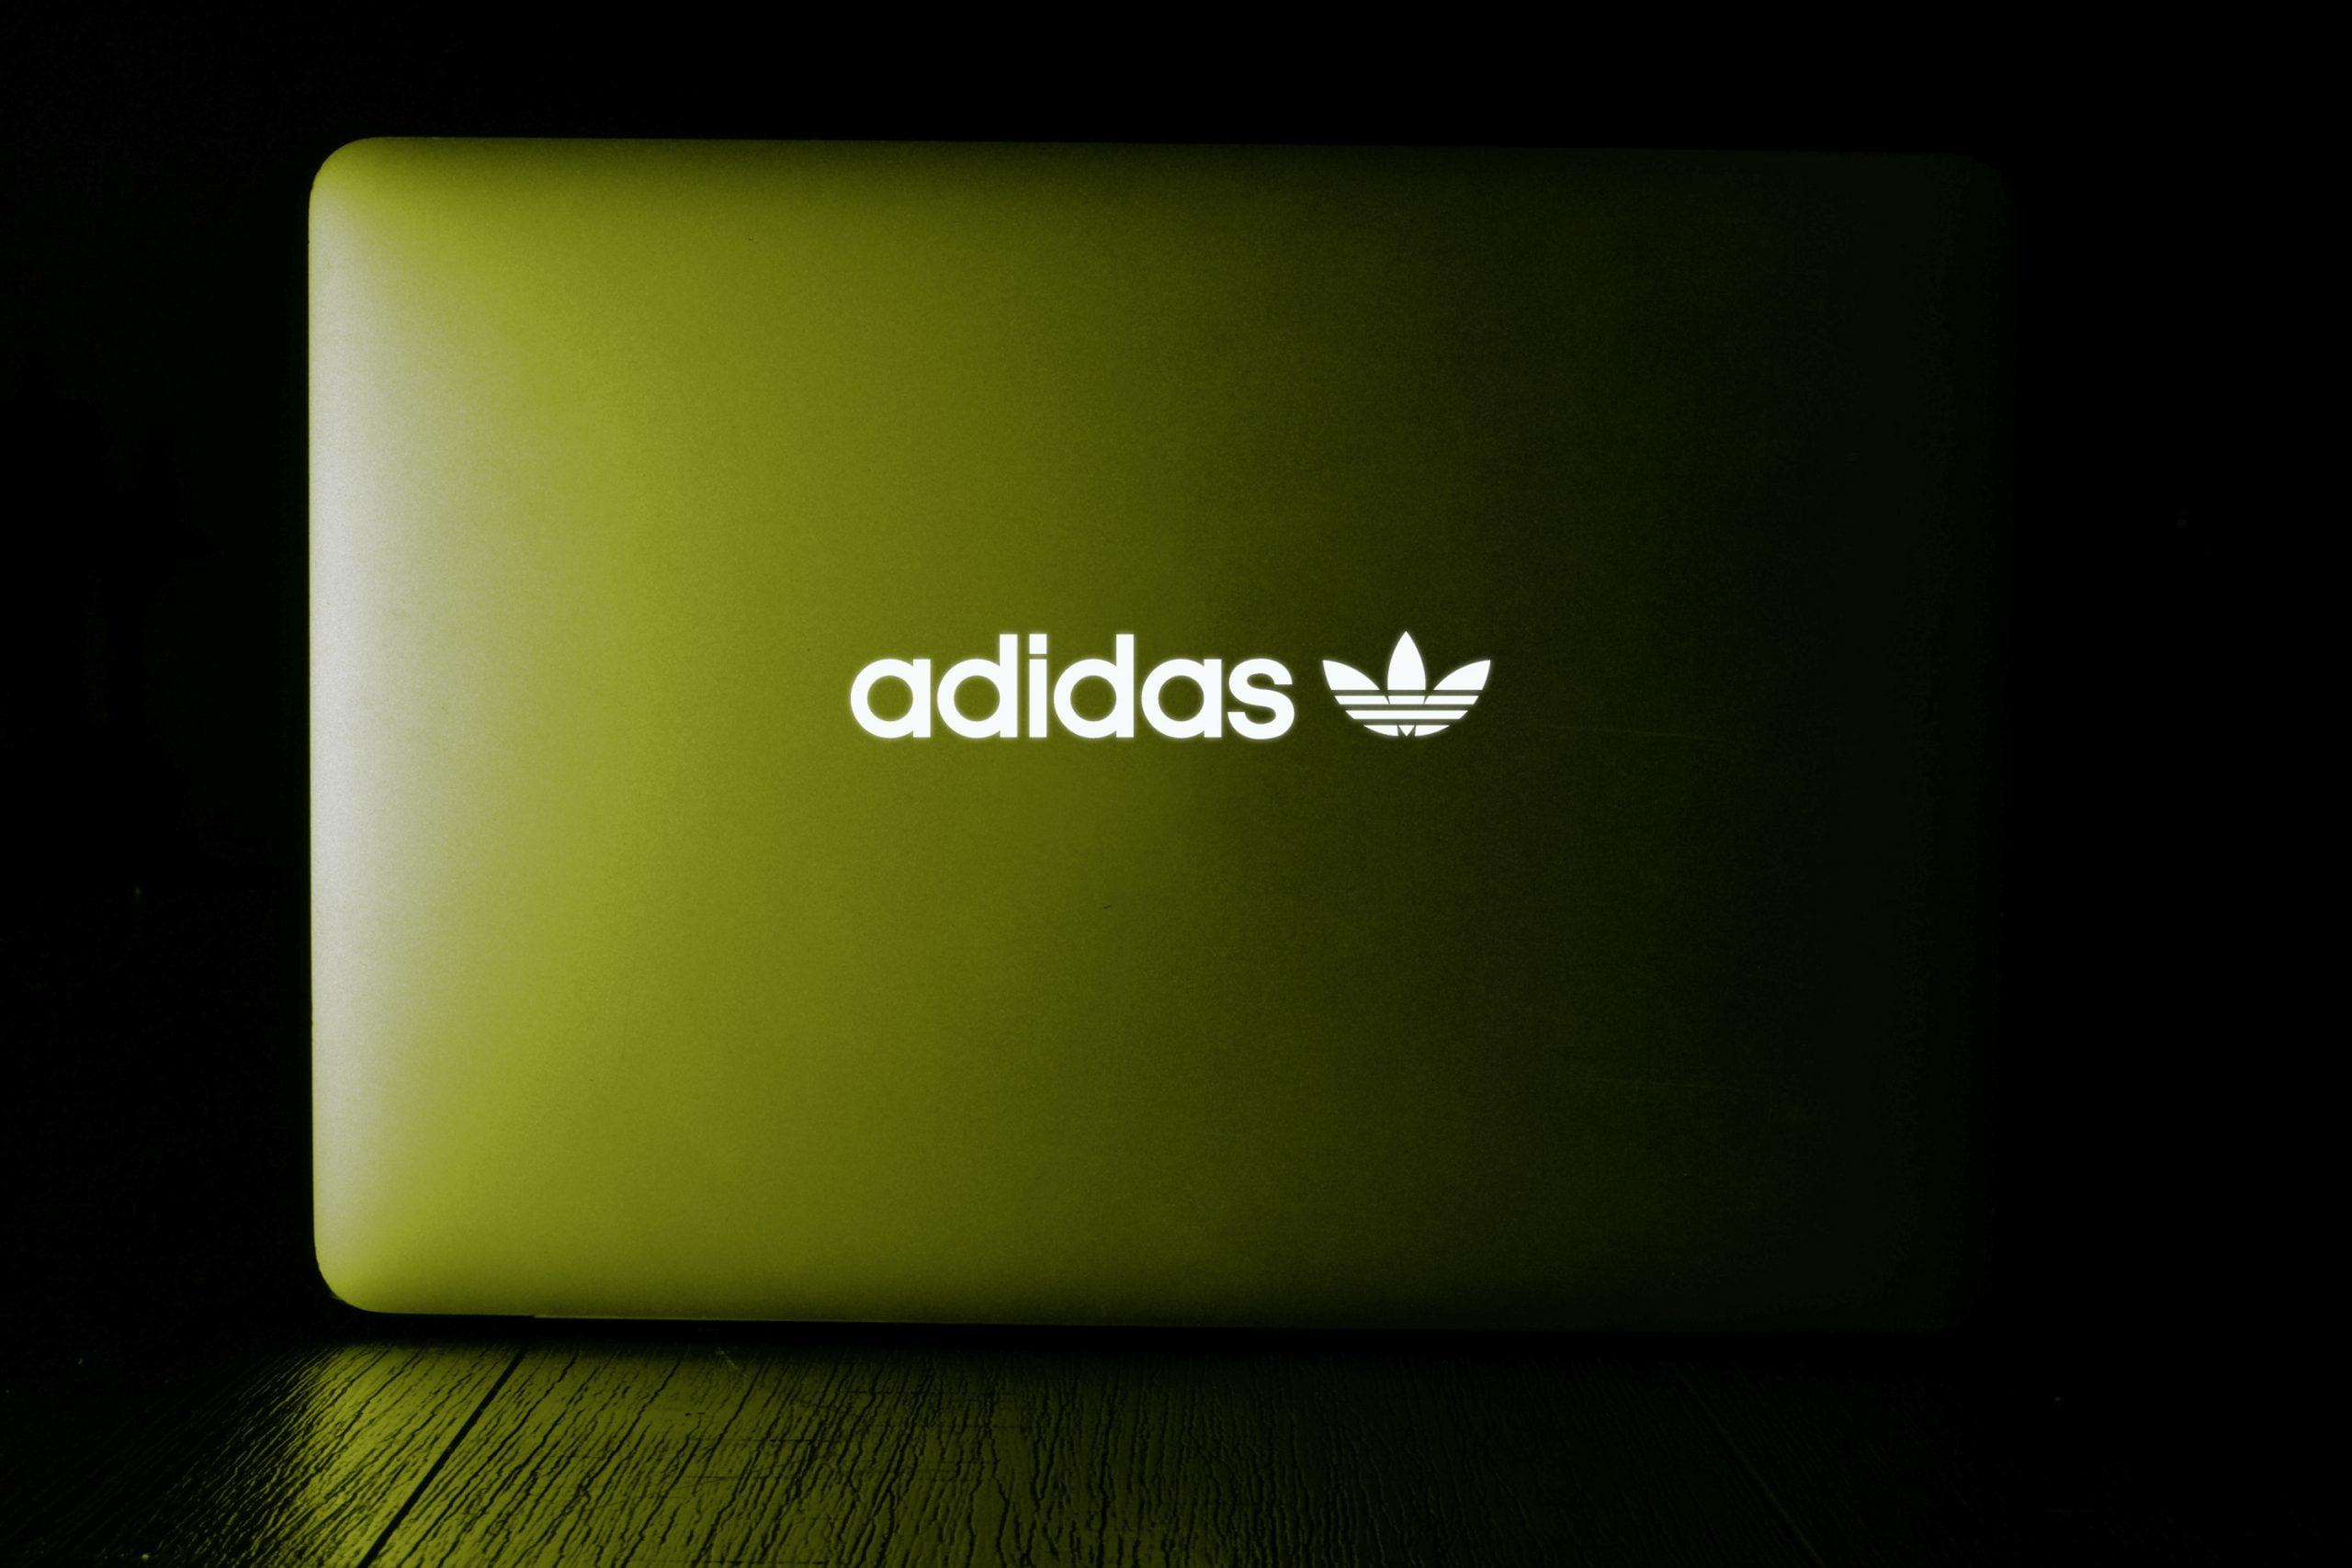 Laptop Glowing Logo Mockup